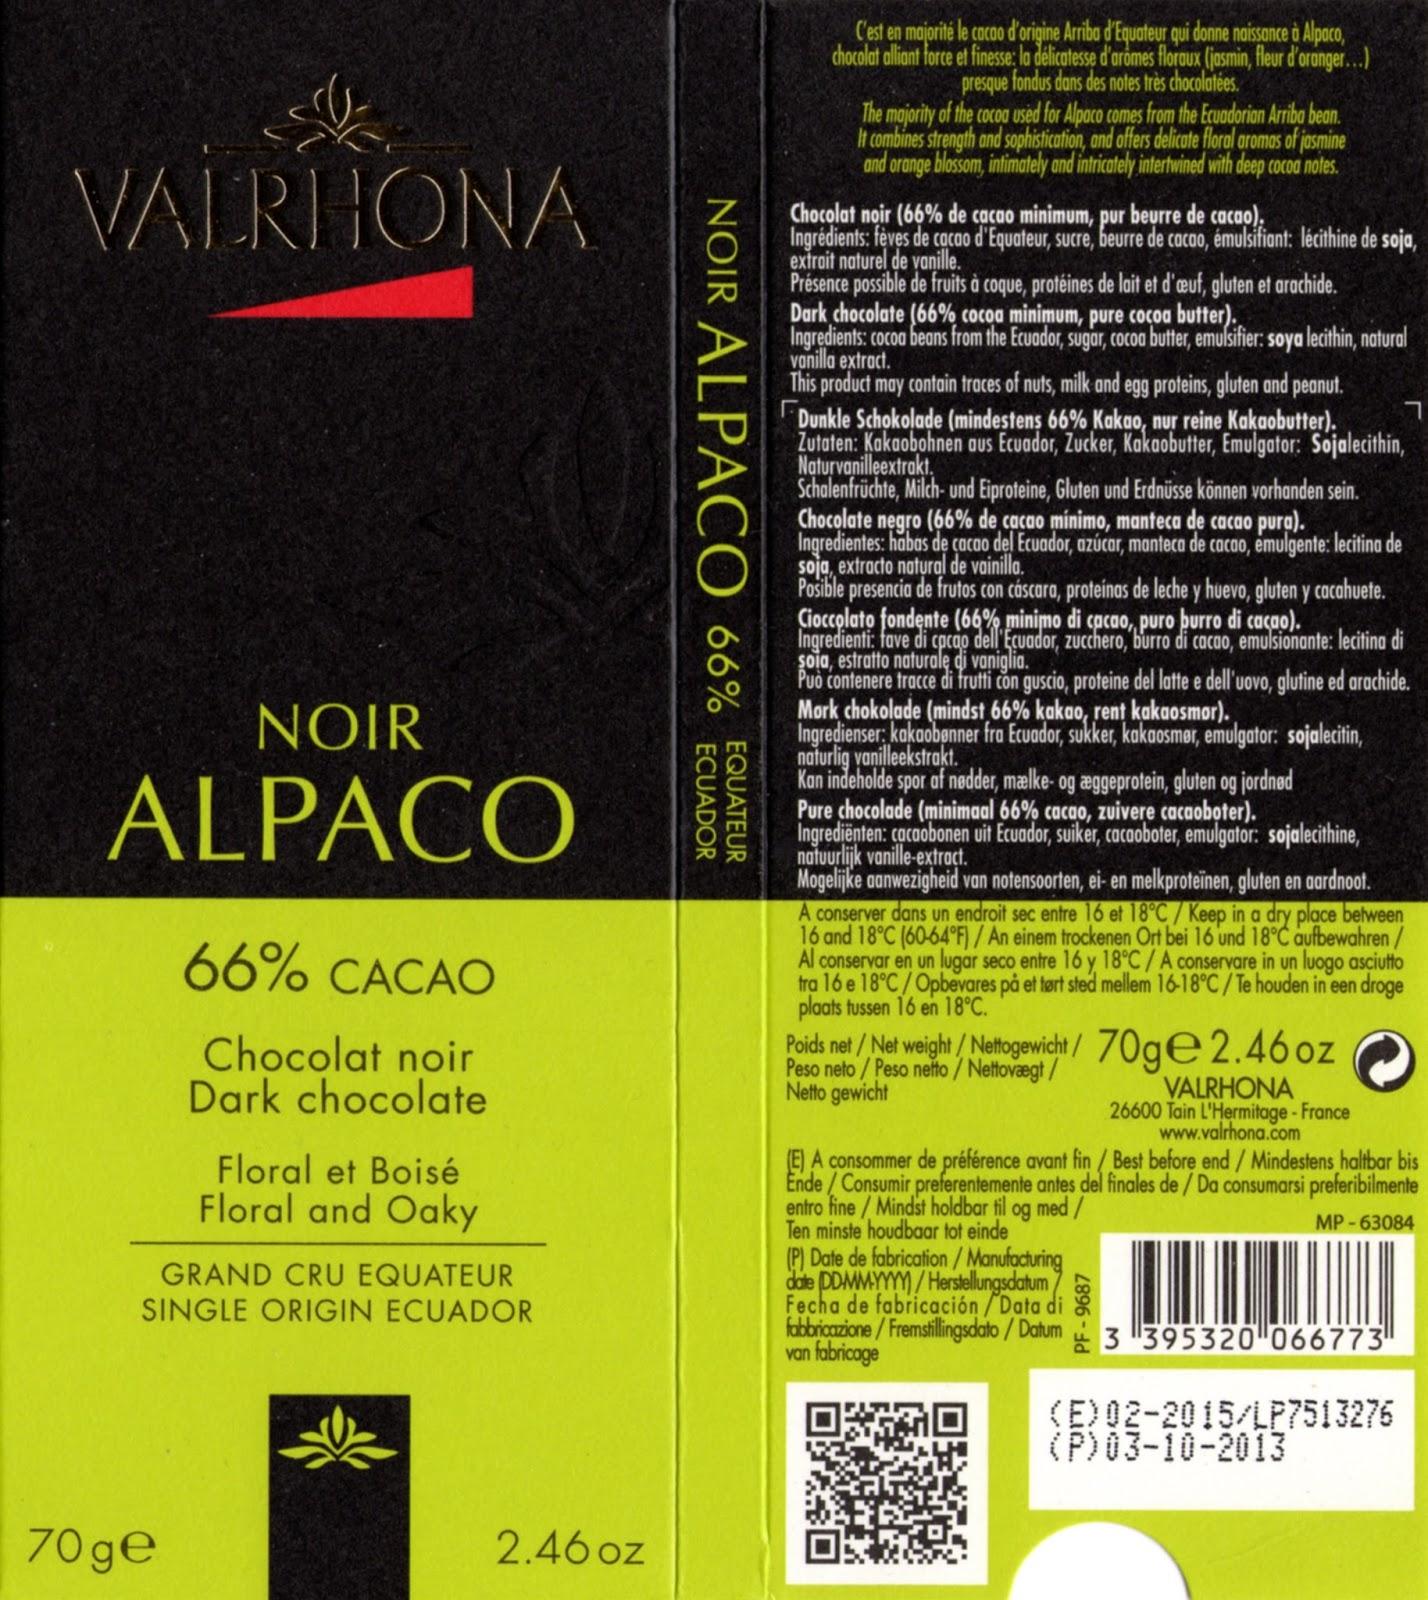 tablette de chocolat noir dégustation valrhona noir alpaco 66